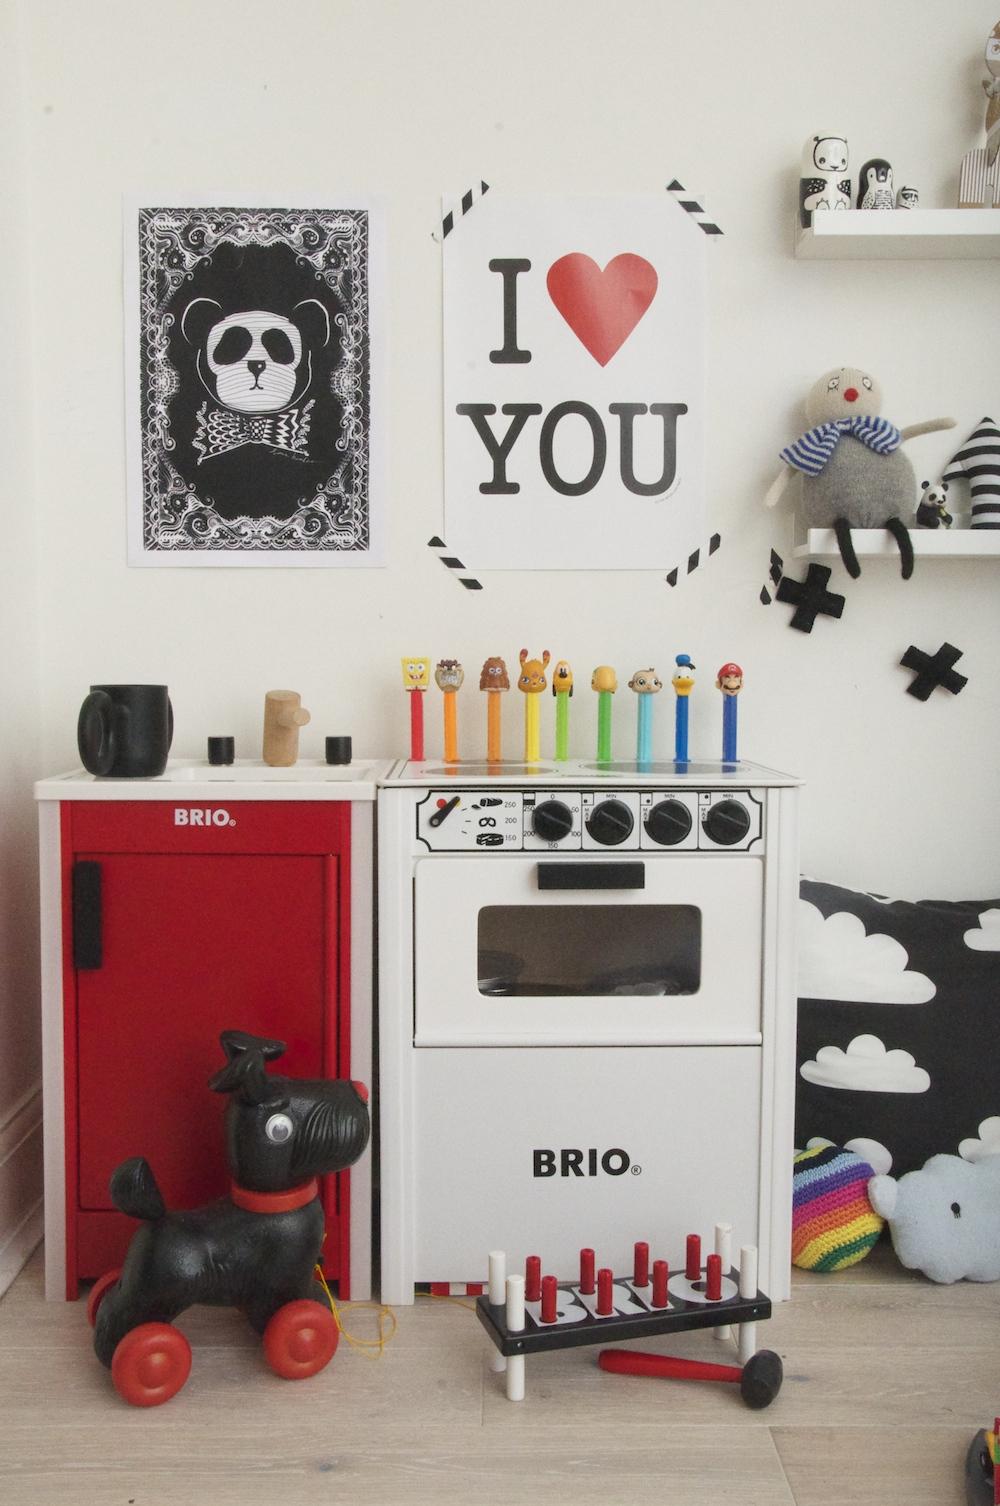 Brio_oven+stove_sink_miniwilla_maikomini